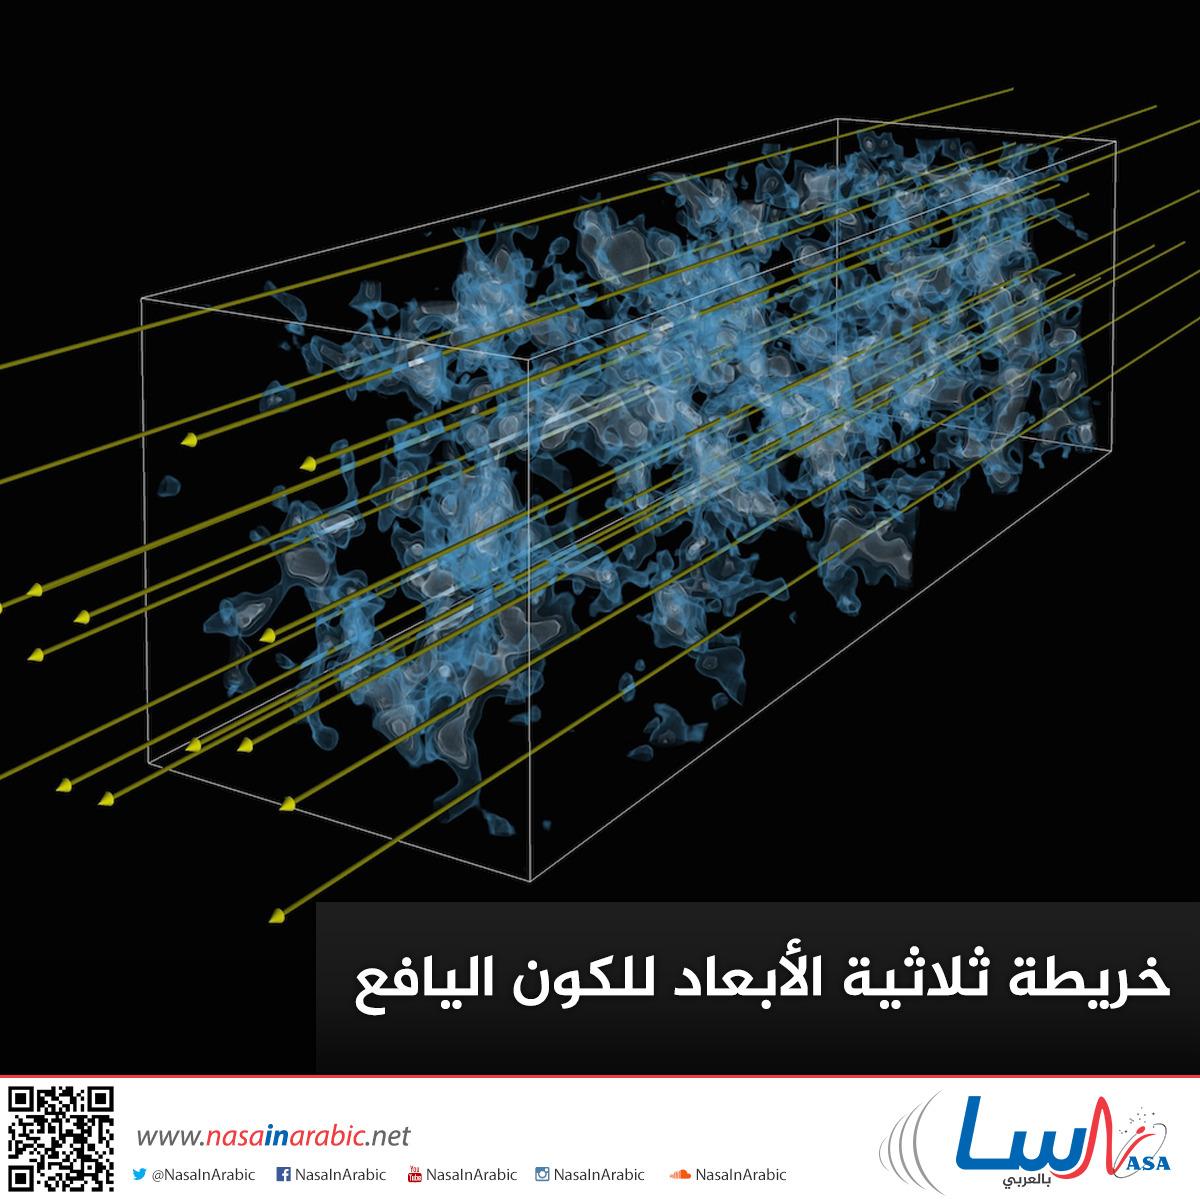 خريطة ثلاثية الأبعاد للكون اليافع